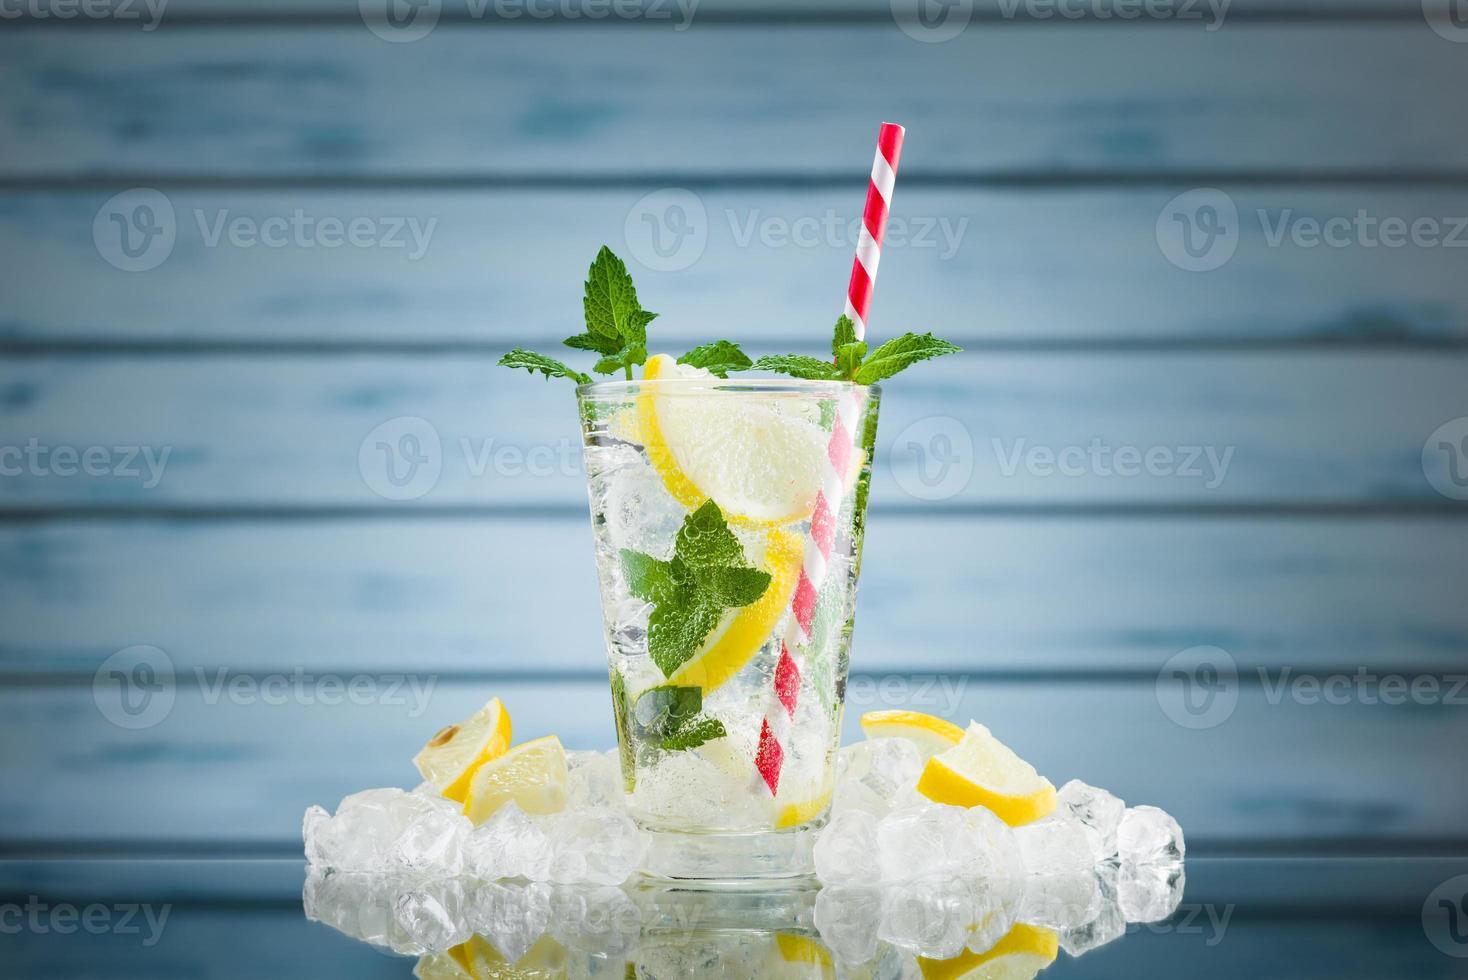 acqua di limone in vetro su fondo di legno blu foto